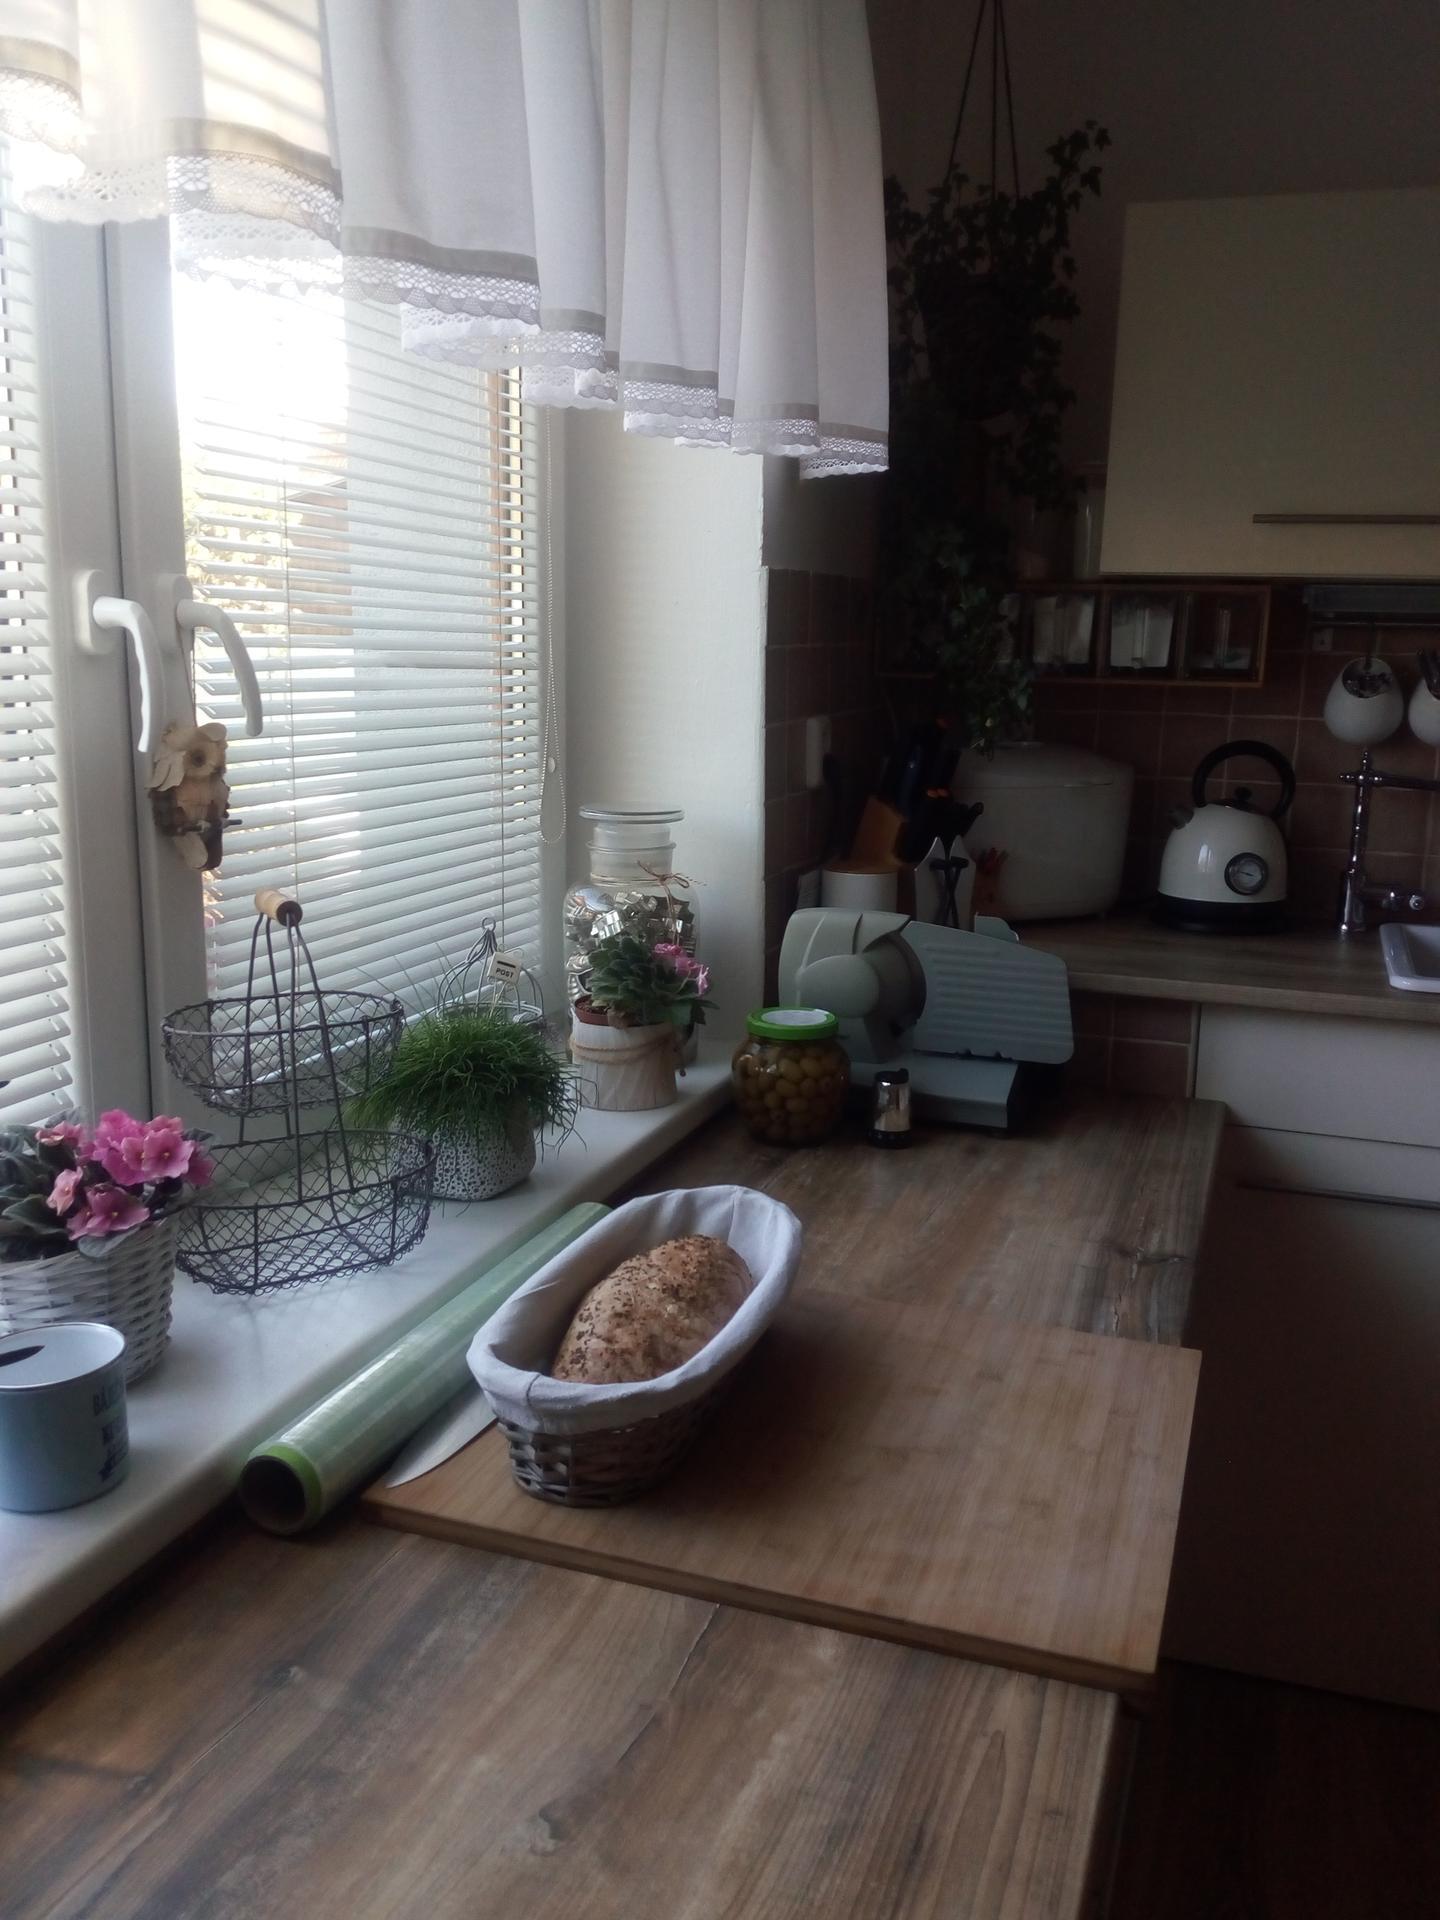 V naší kuchyni - Obrázek č. 7